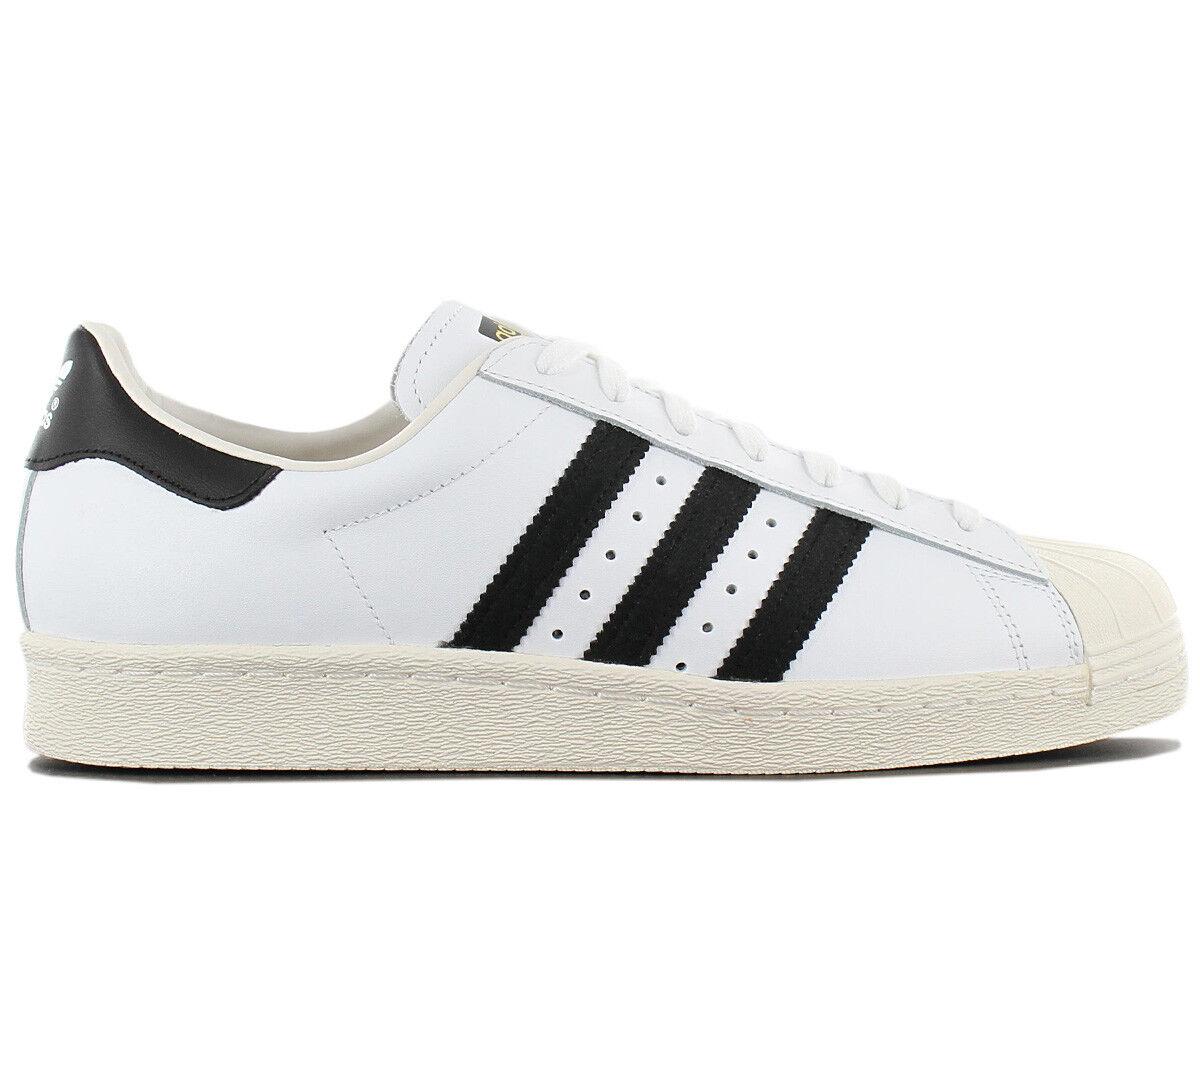 Adidas Originals Superstar Anni '80 zapatilla de deporte hombres zapatos pelle Bianco G61070